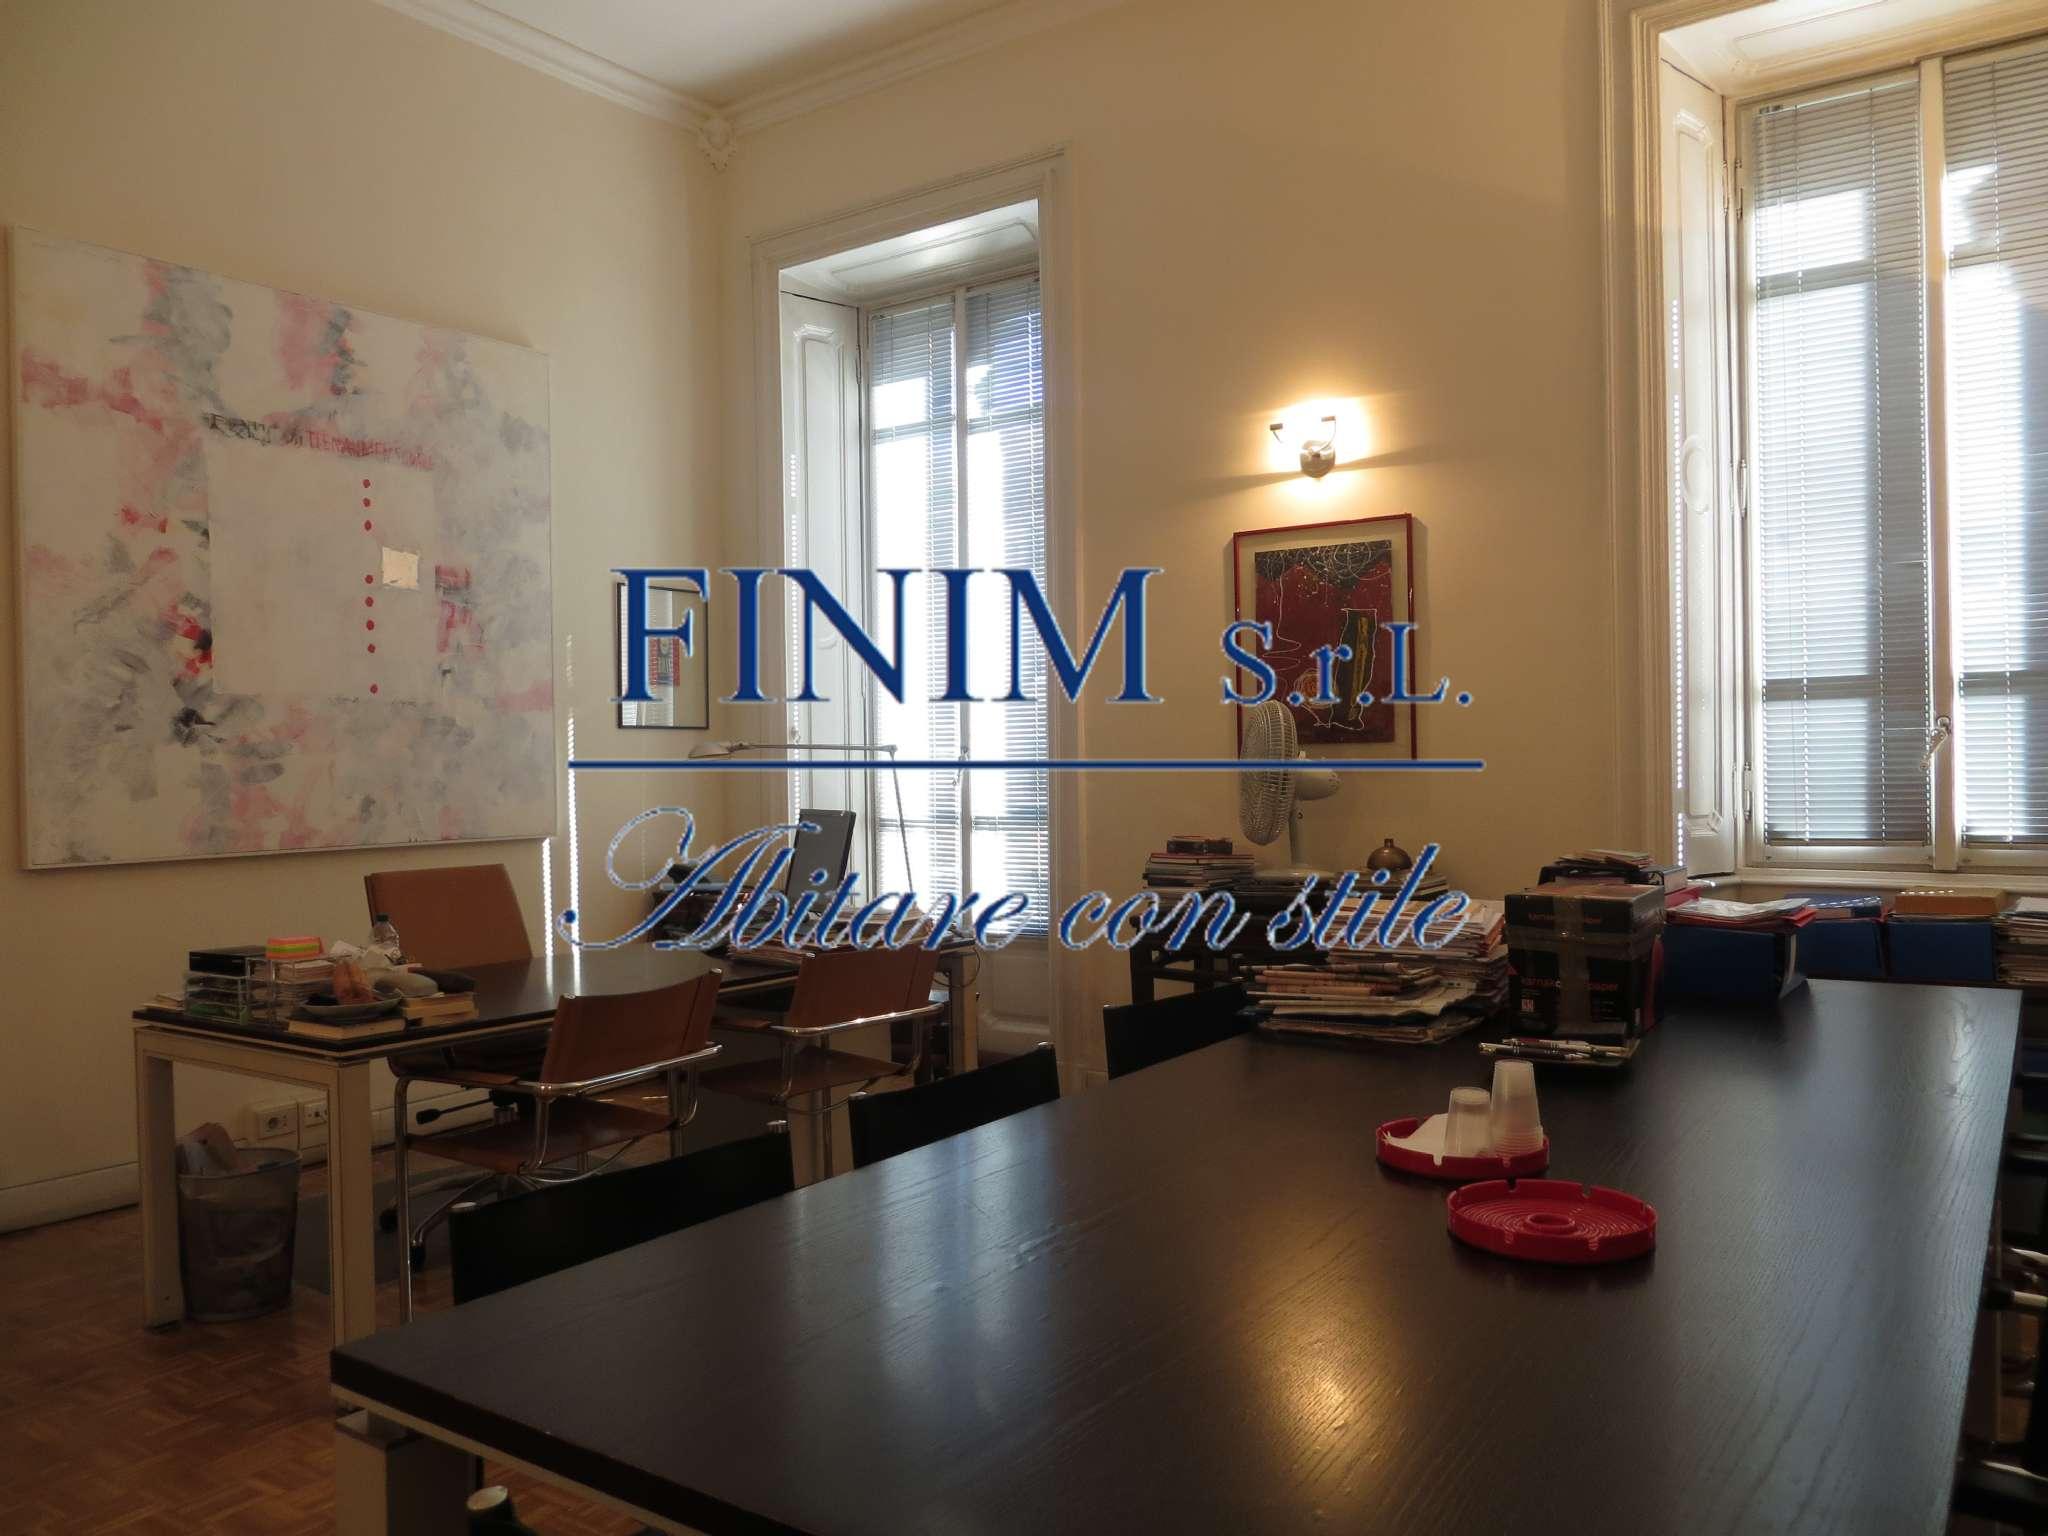 Ufficio-studio in Vendita a Milano 01 Centro storico (Cerchia dei Navigli):  2 locali, 95 mq  - Foto 1